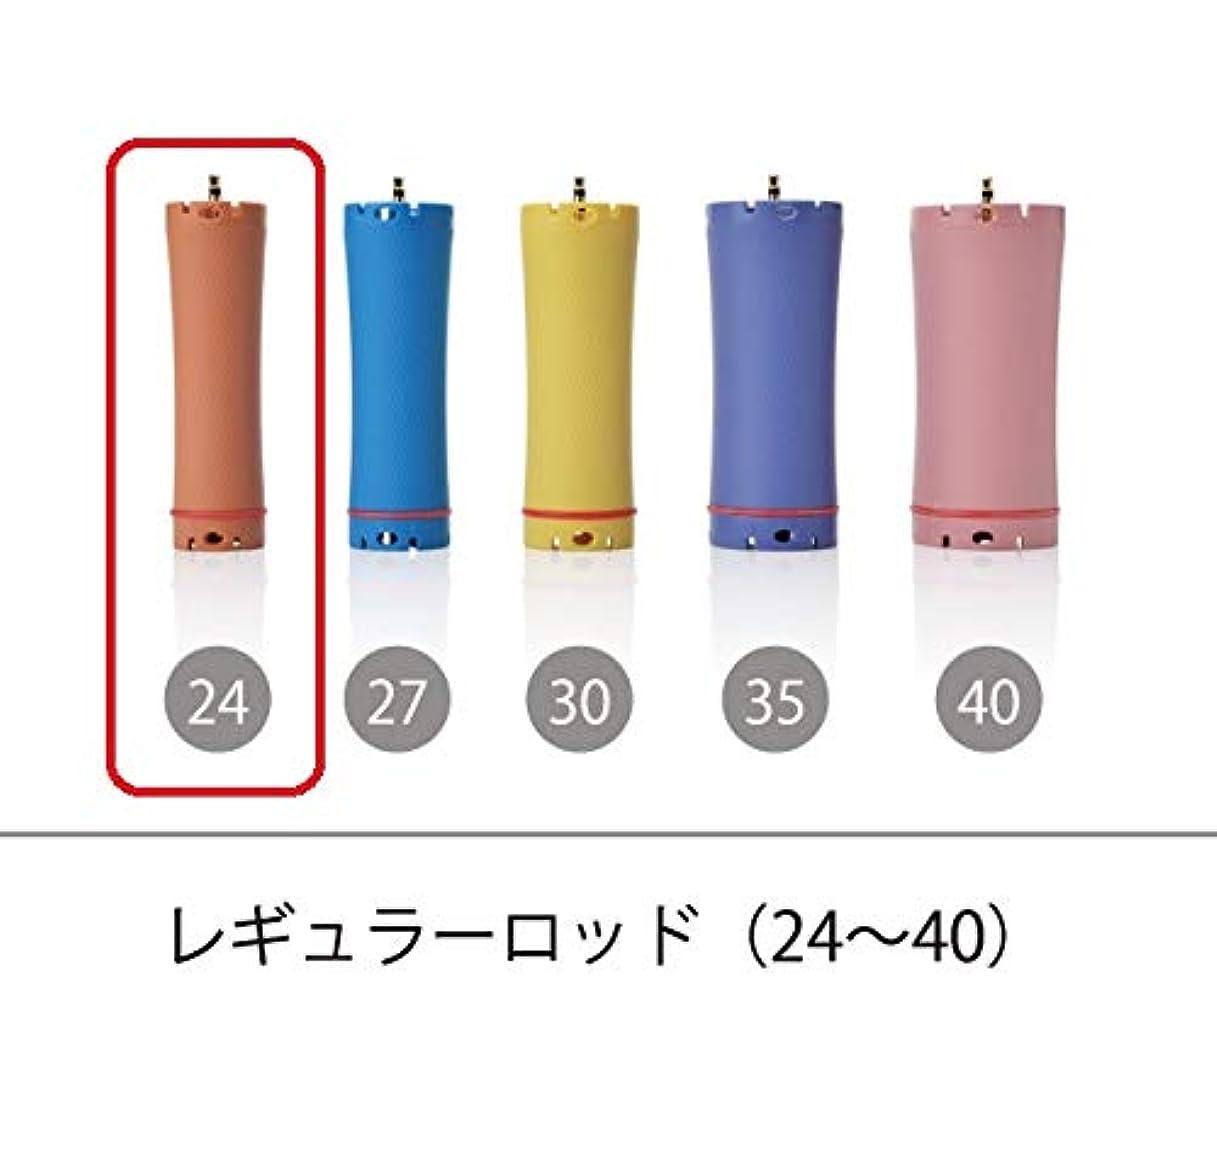 議題モザイク花弁ソキウス 専用ロッド レギュラーロッド 24mm